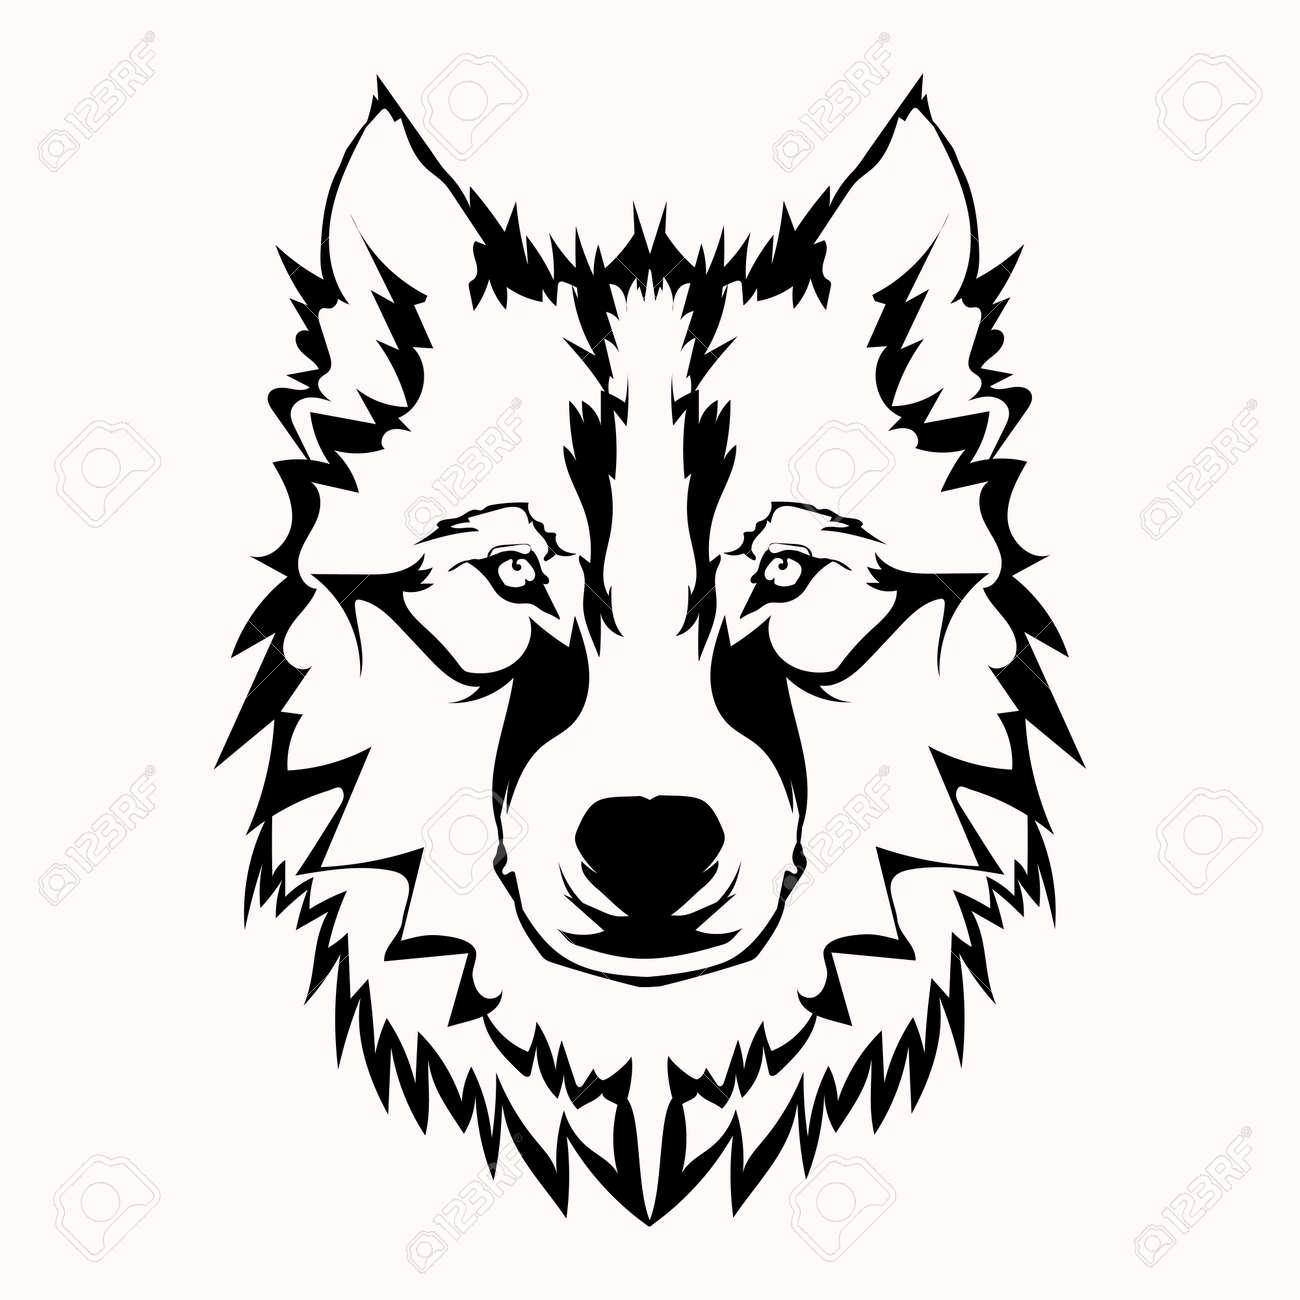 Bildergebnis für wolf schwarz weiß zeichnung